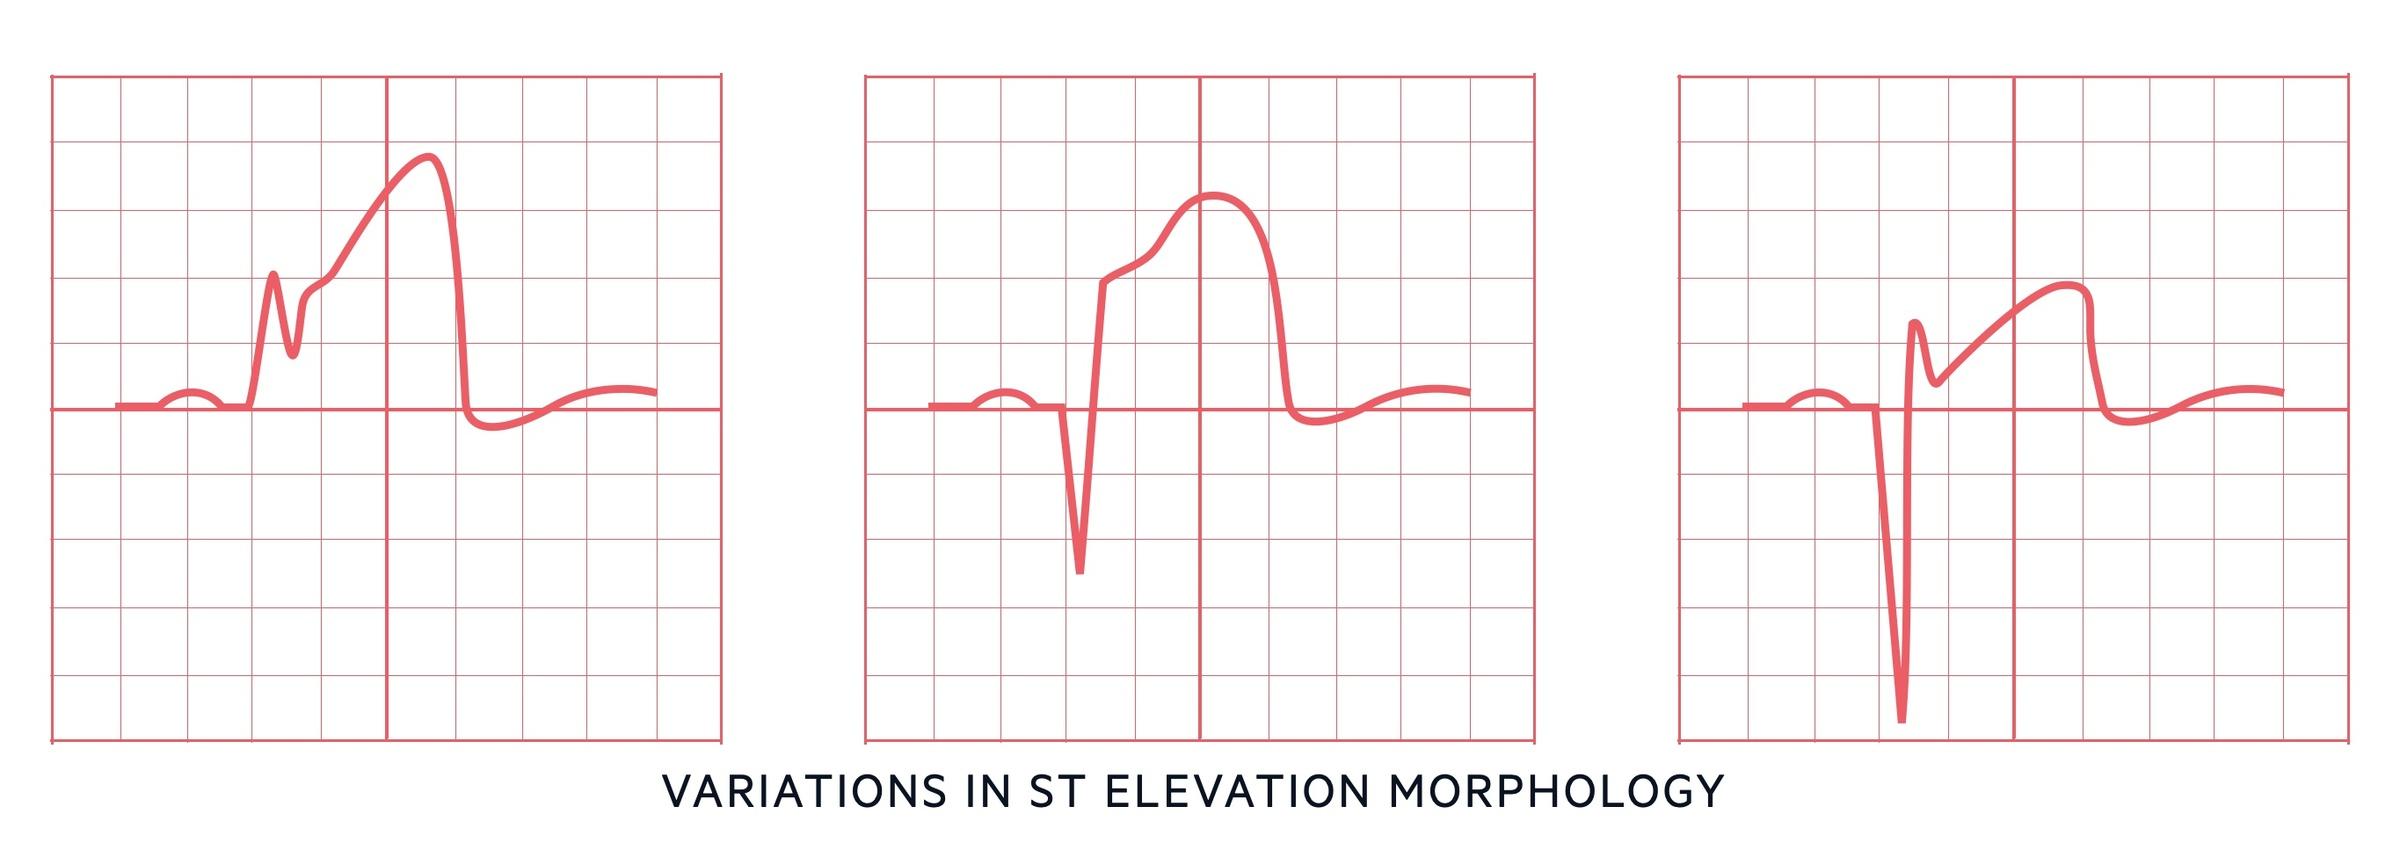 ST elevation morphology